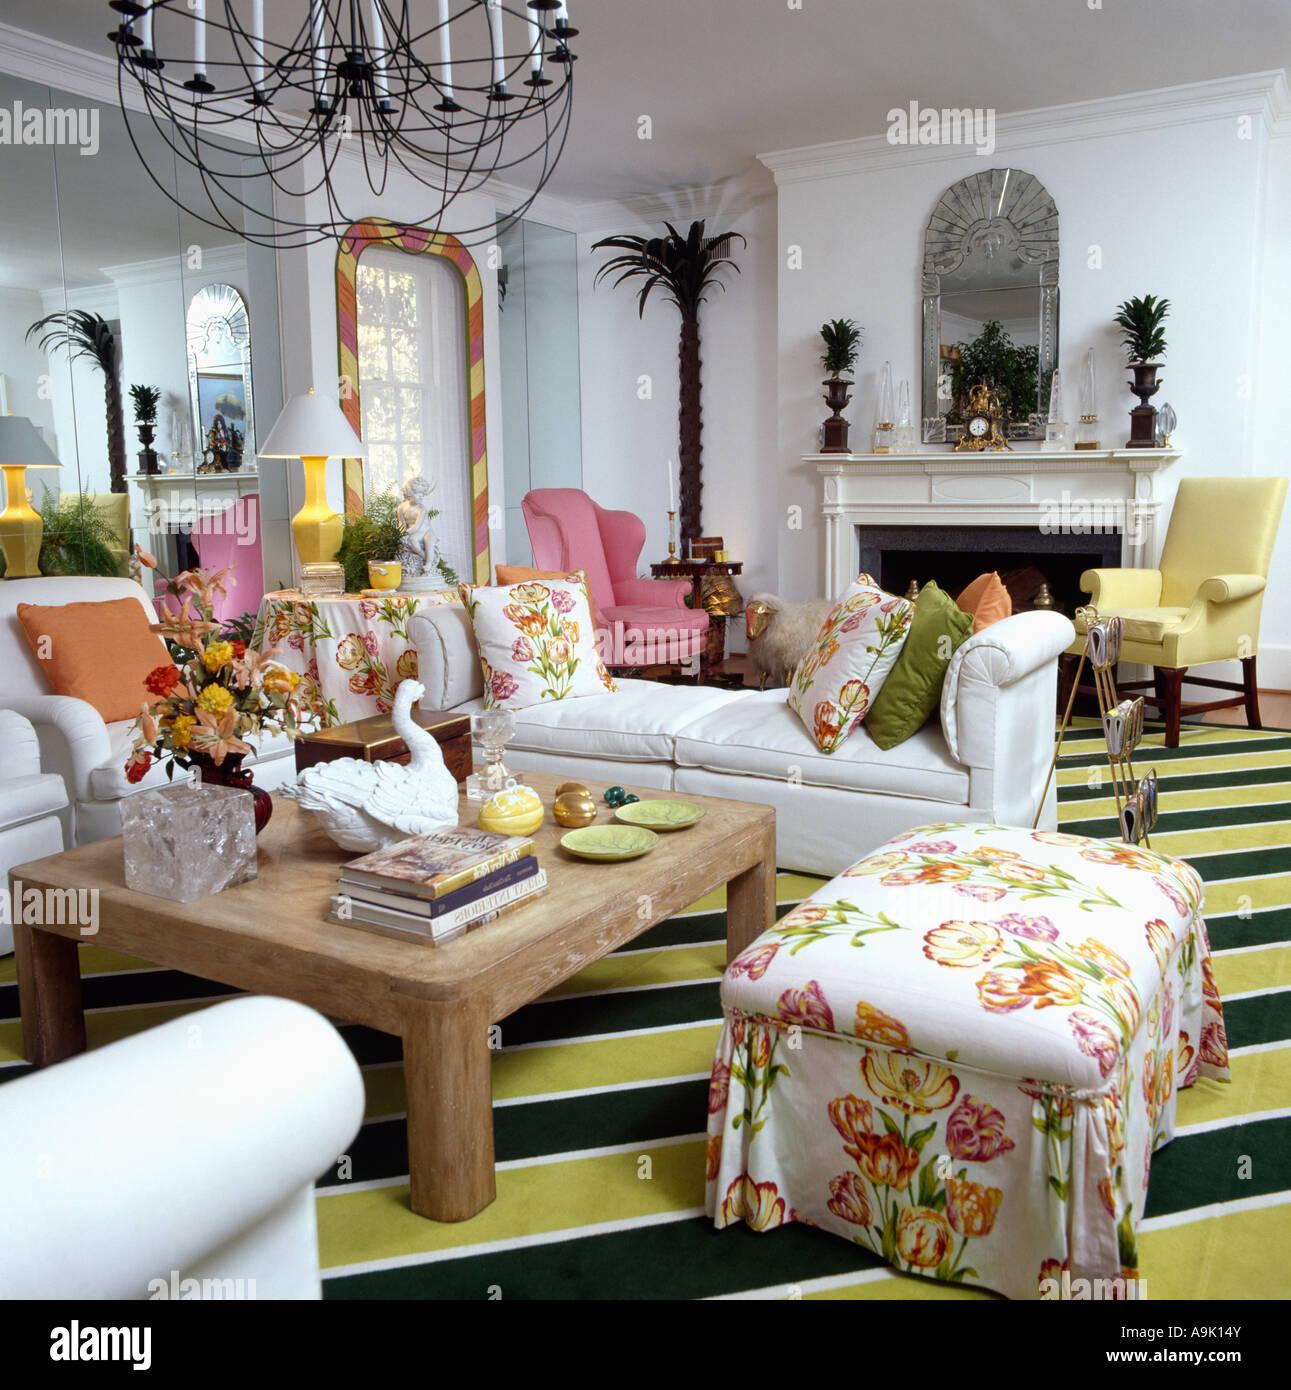 https://c8.alamy.com/compde/a9k14y/floral-gemusterte-hocker-80er-jahre-amerikanische-wohnzimmer-mit-grun-gelb-gestreiften-teppich-a9k14y.jpg